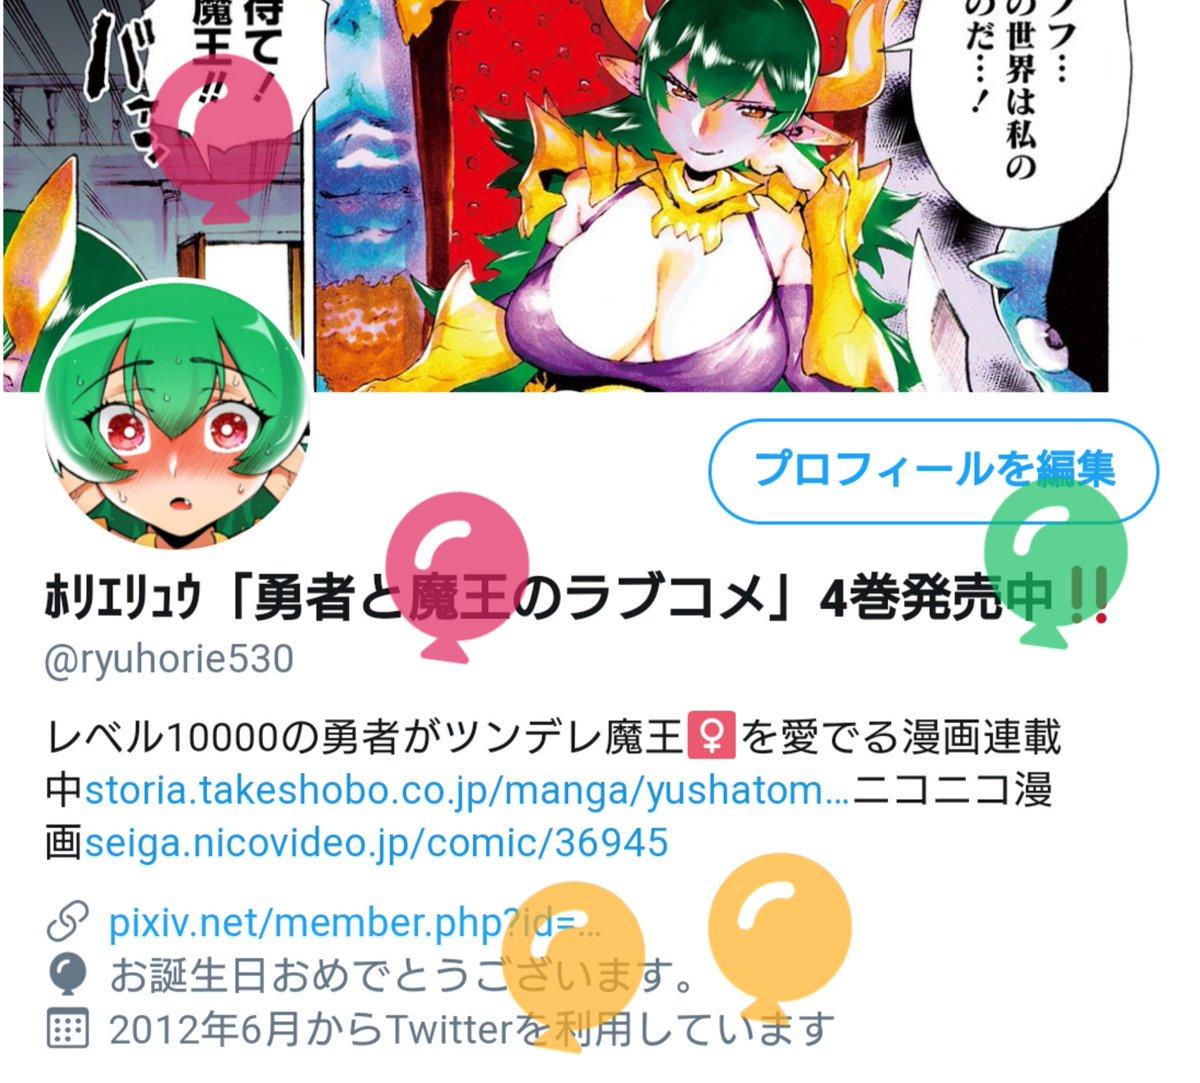 今日は僕の誕生日なので、このツイートへのいいね1つにつき1円を自分への誕生日プレゼントに使います。うまい棒めっちゃ買います。